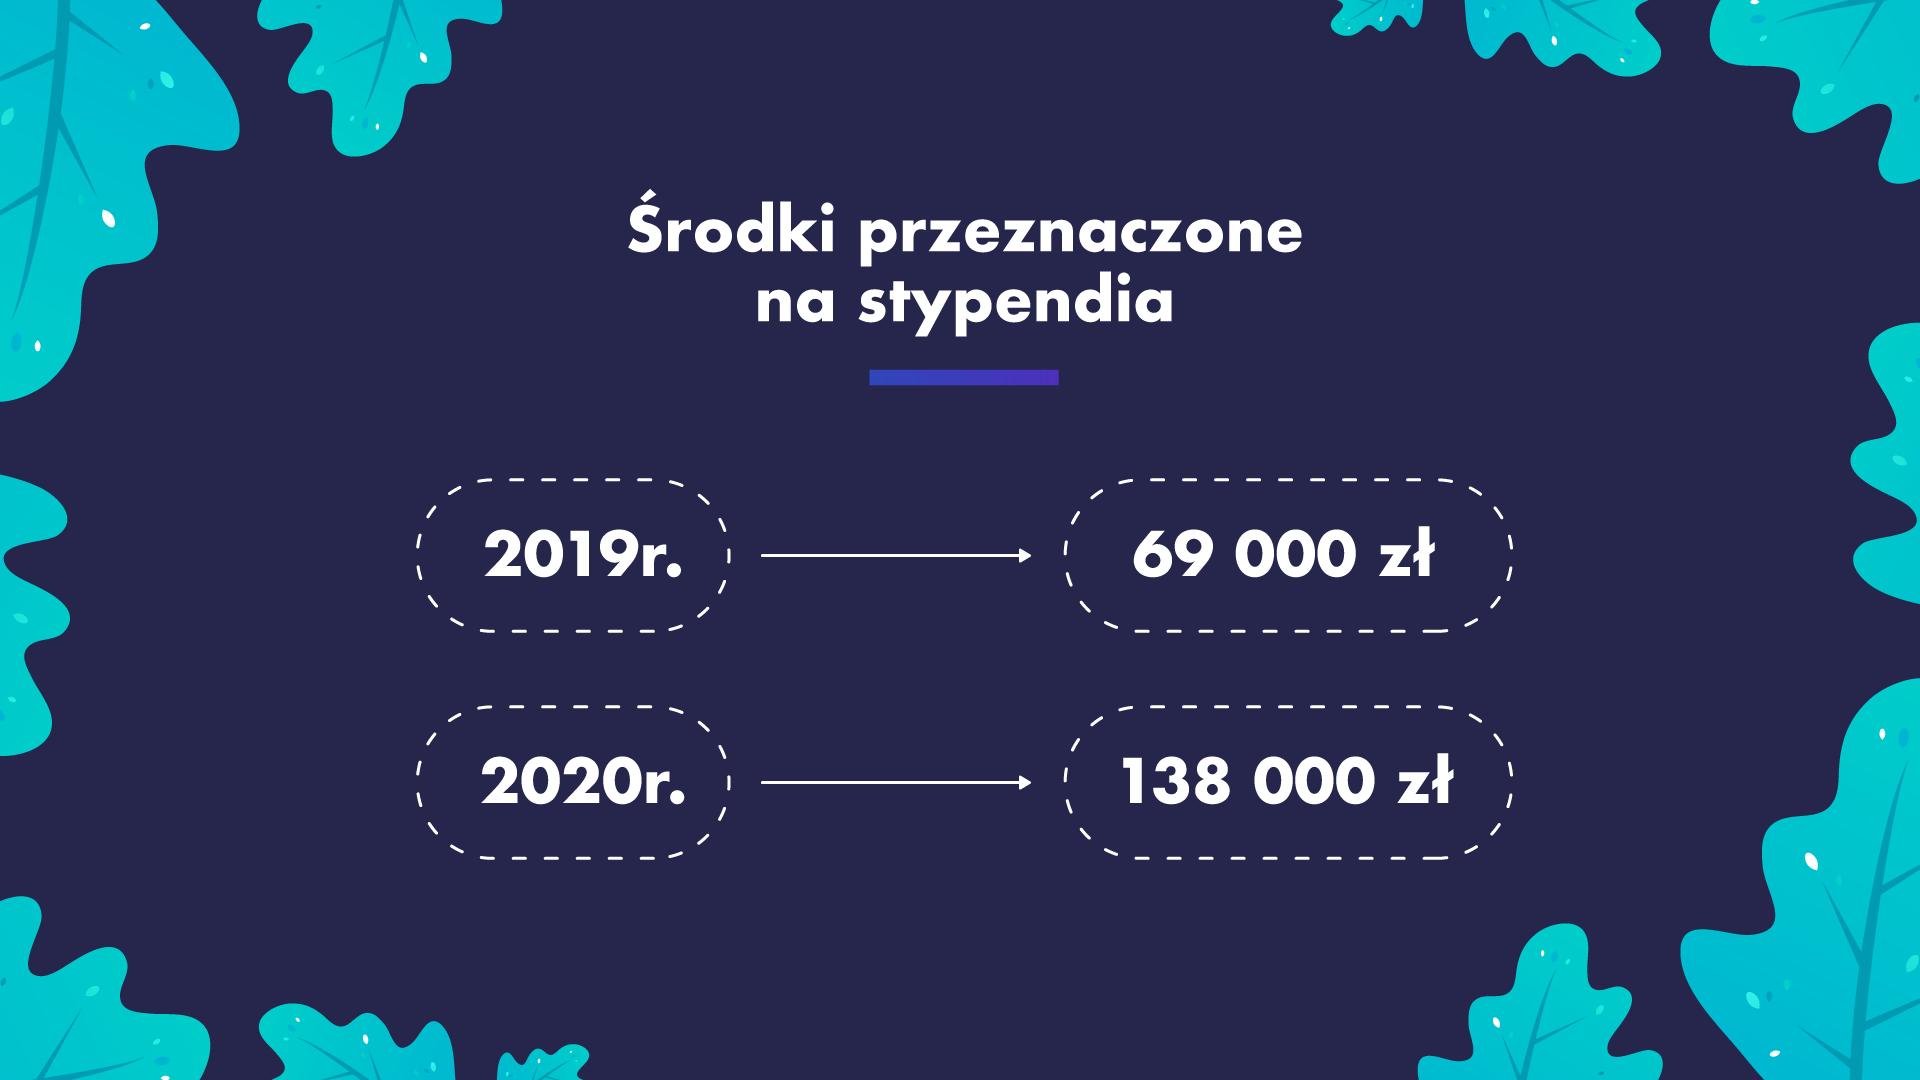 W tym roku zarząd województwa dolnośląskiego zamierza przeznaczyć na te stypendia 69 tys. zł, a w przyszłym roku 139 tys. zł(fot. umwd.dolnyslask.pl)